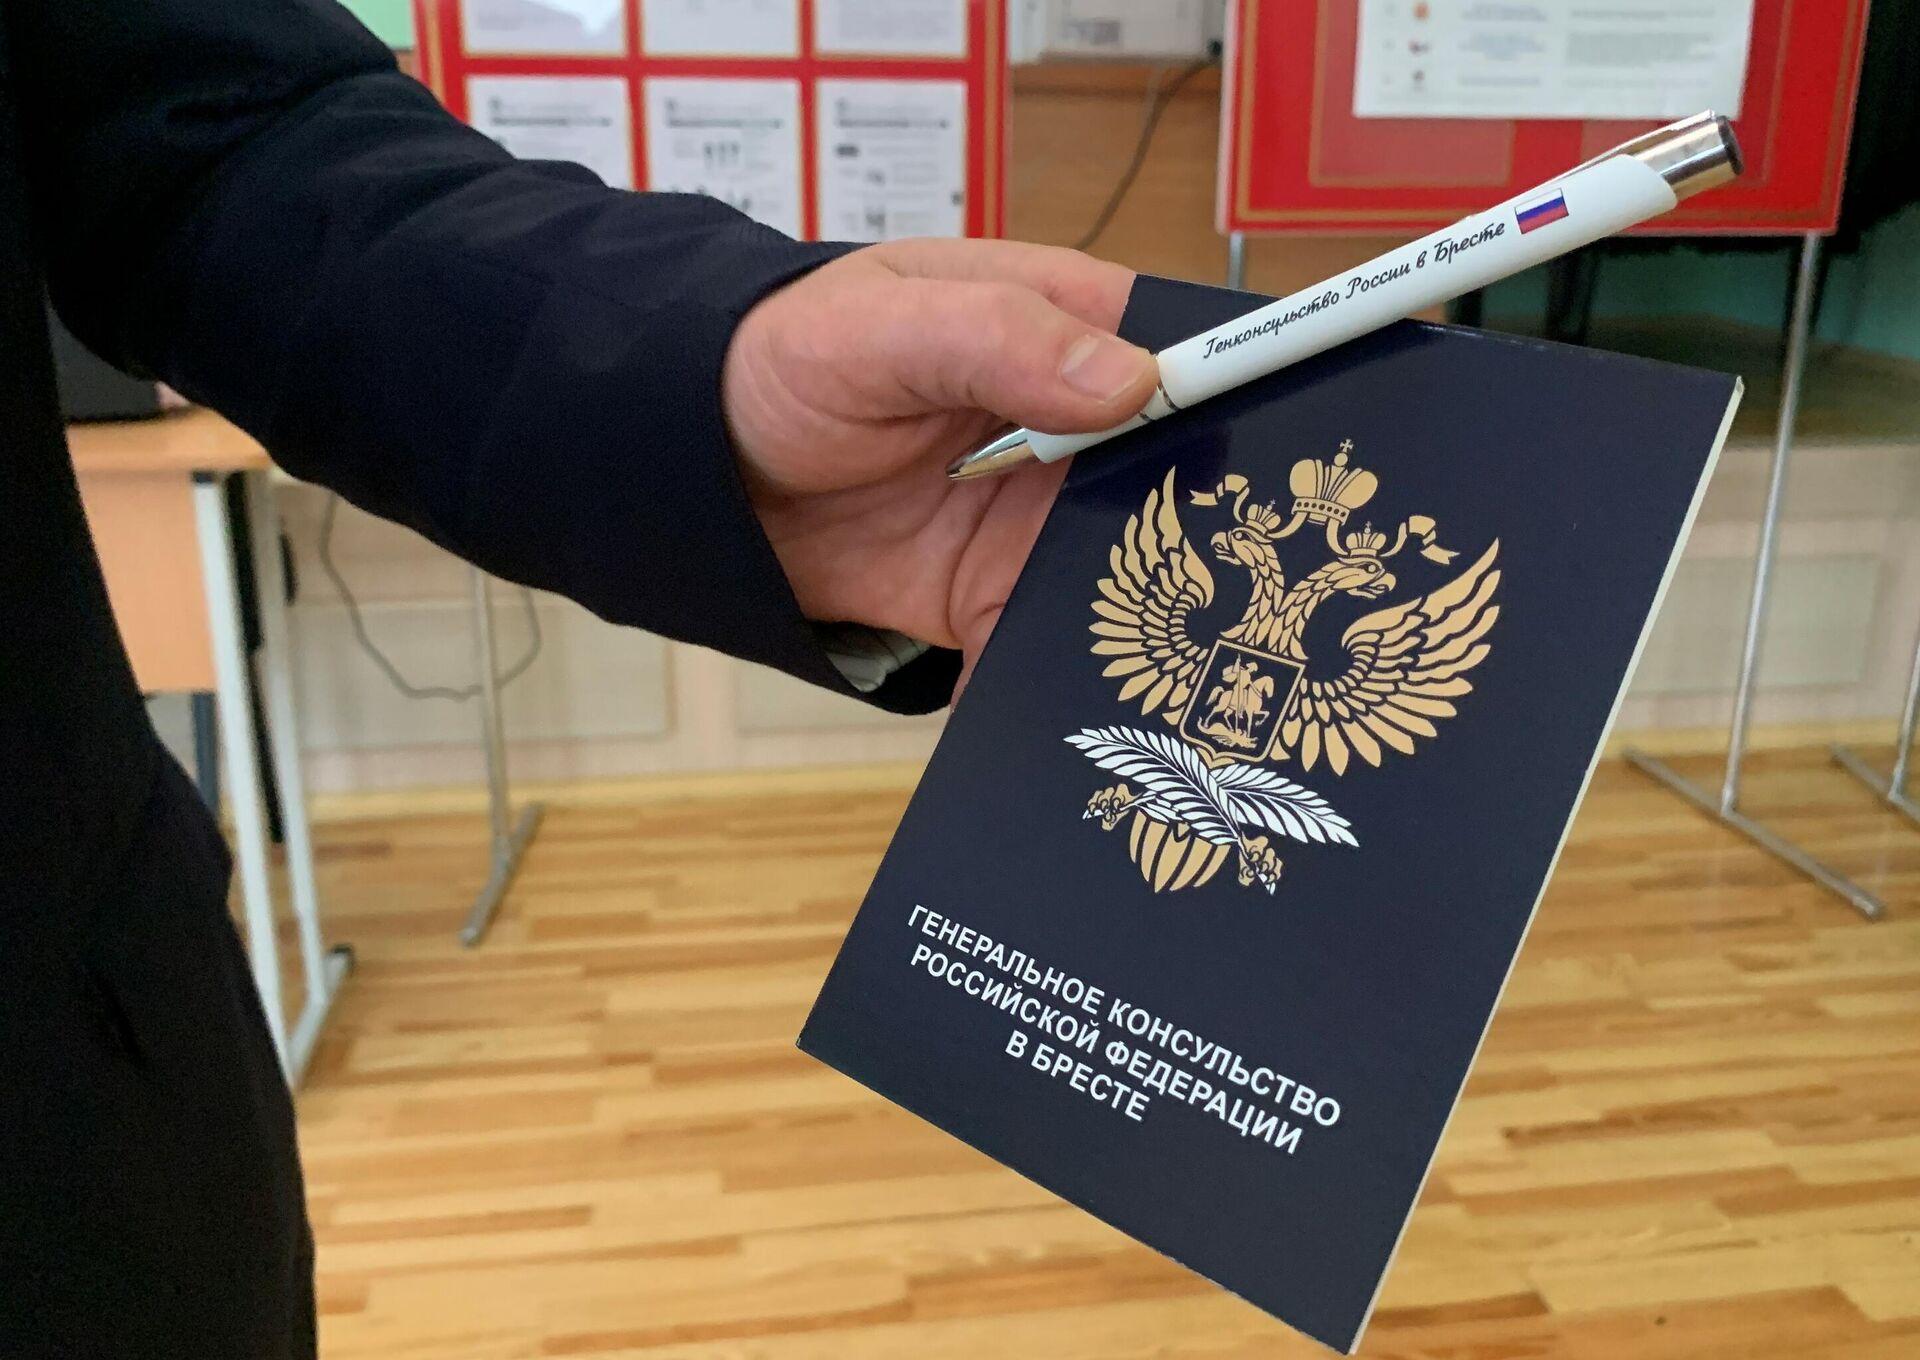 Блокнот и ручка с российской символикой – такие сувениры получали на память избиратели, которые 19 сентября голосовали впервые - Sputnik Беларусь, 1920, 19.09.2021